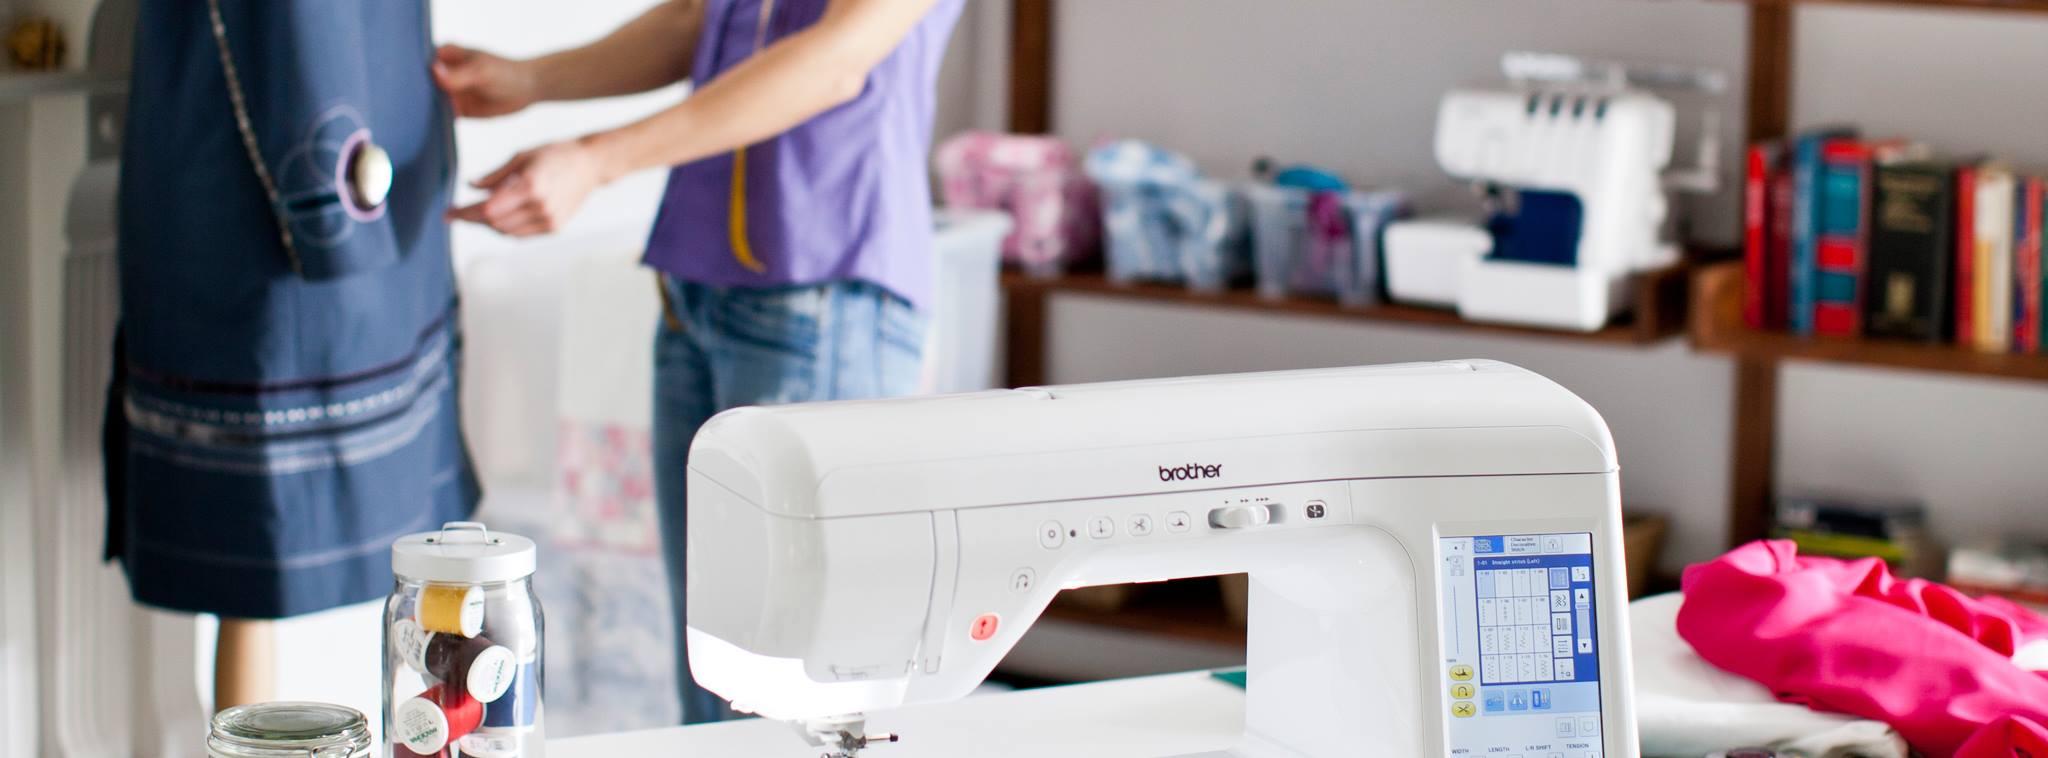 Швейная машина в мастерской